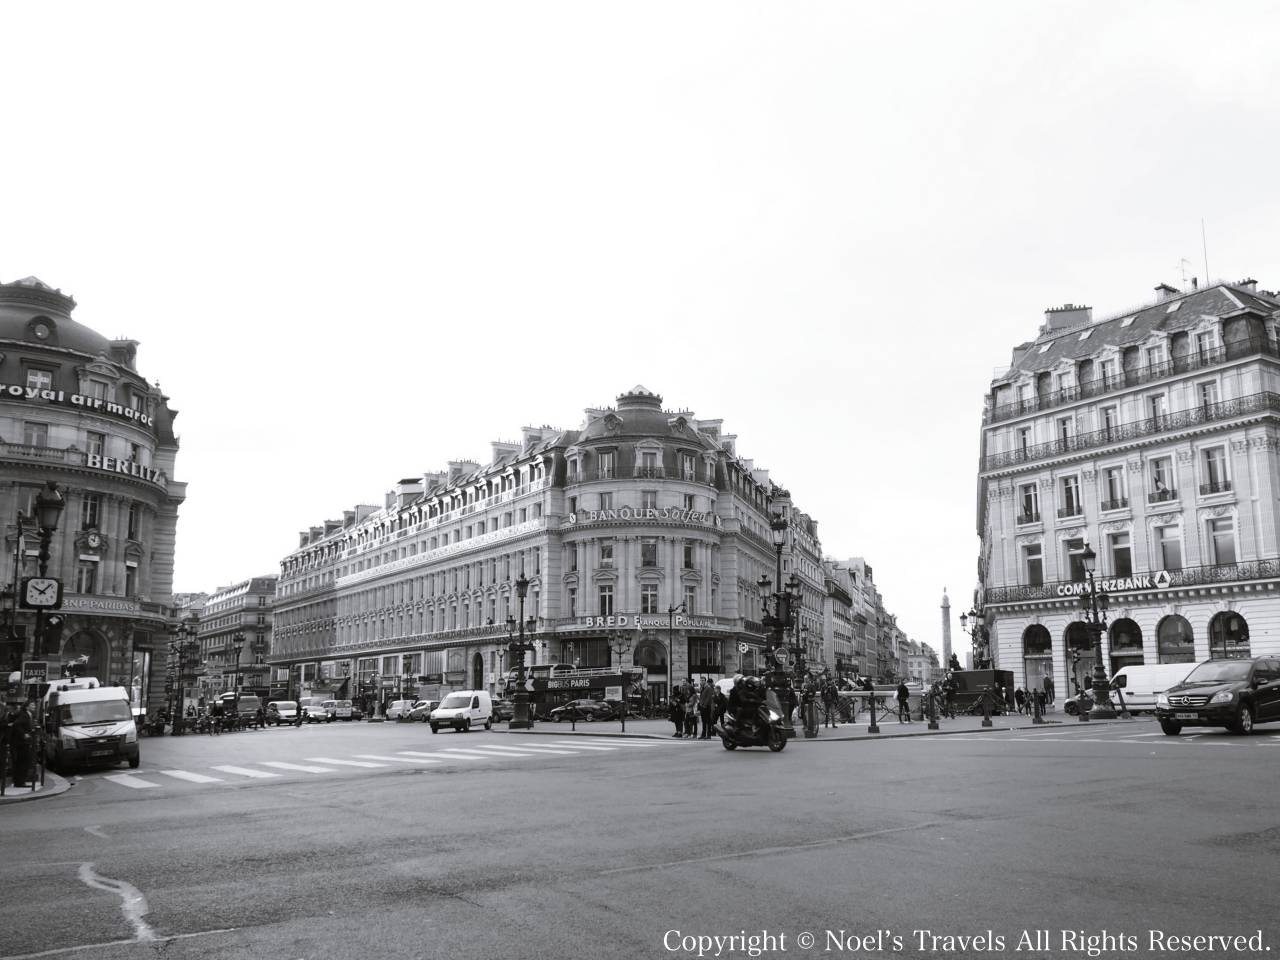 パリのオペラ広場